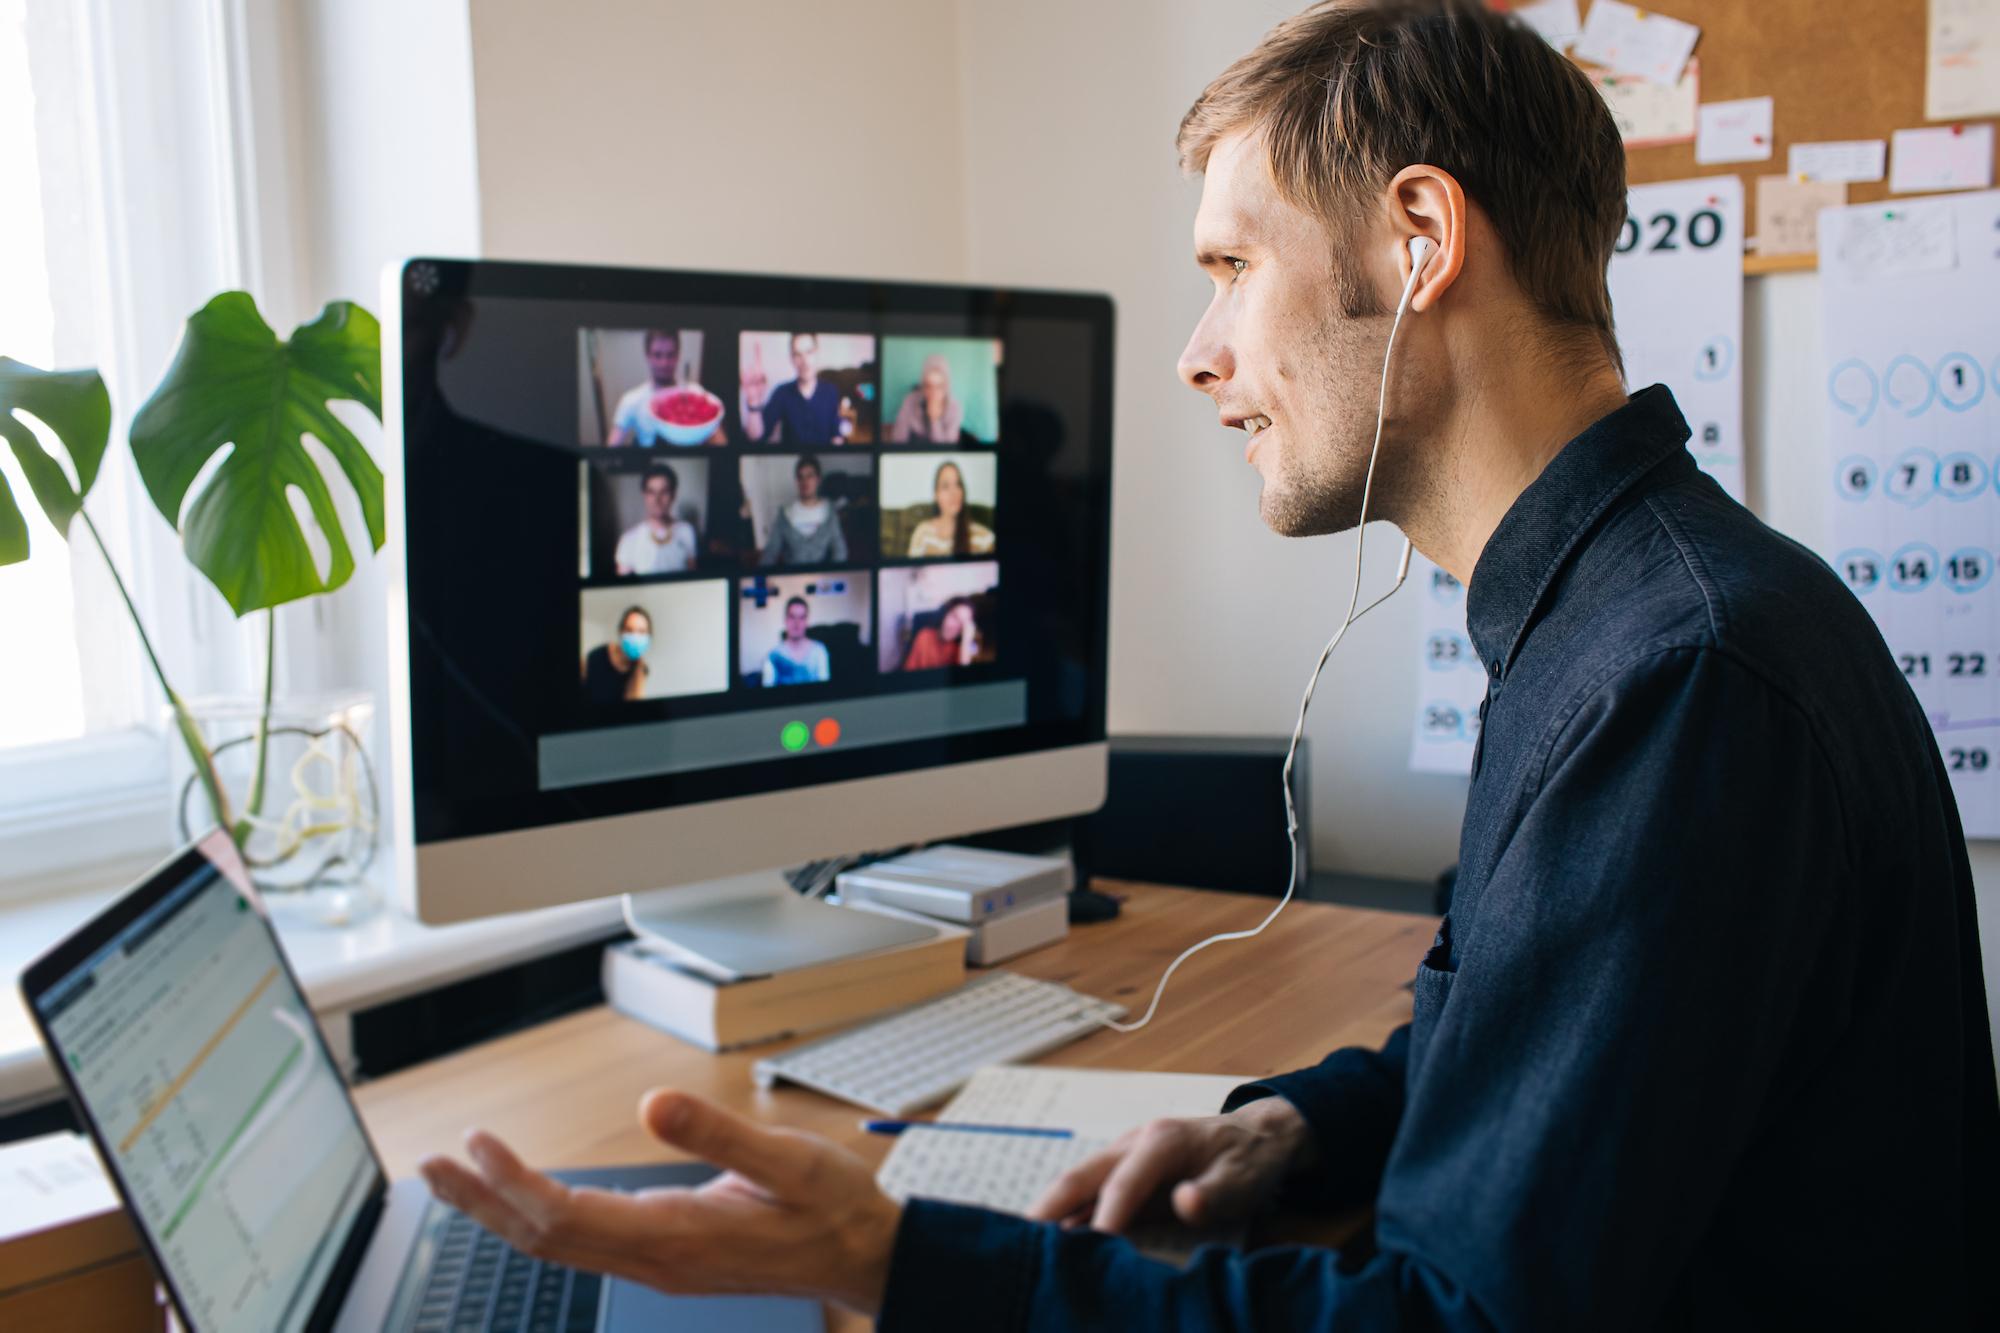 Pracodawca powinien zostać wyposażony w możliwości kontroli pracownika. (Fot. Shutterstock)